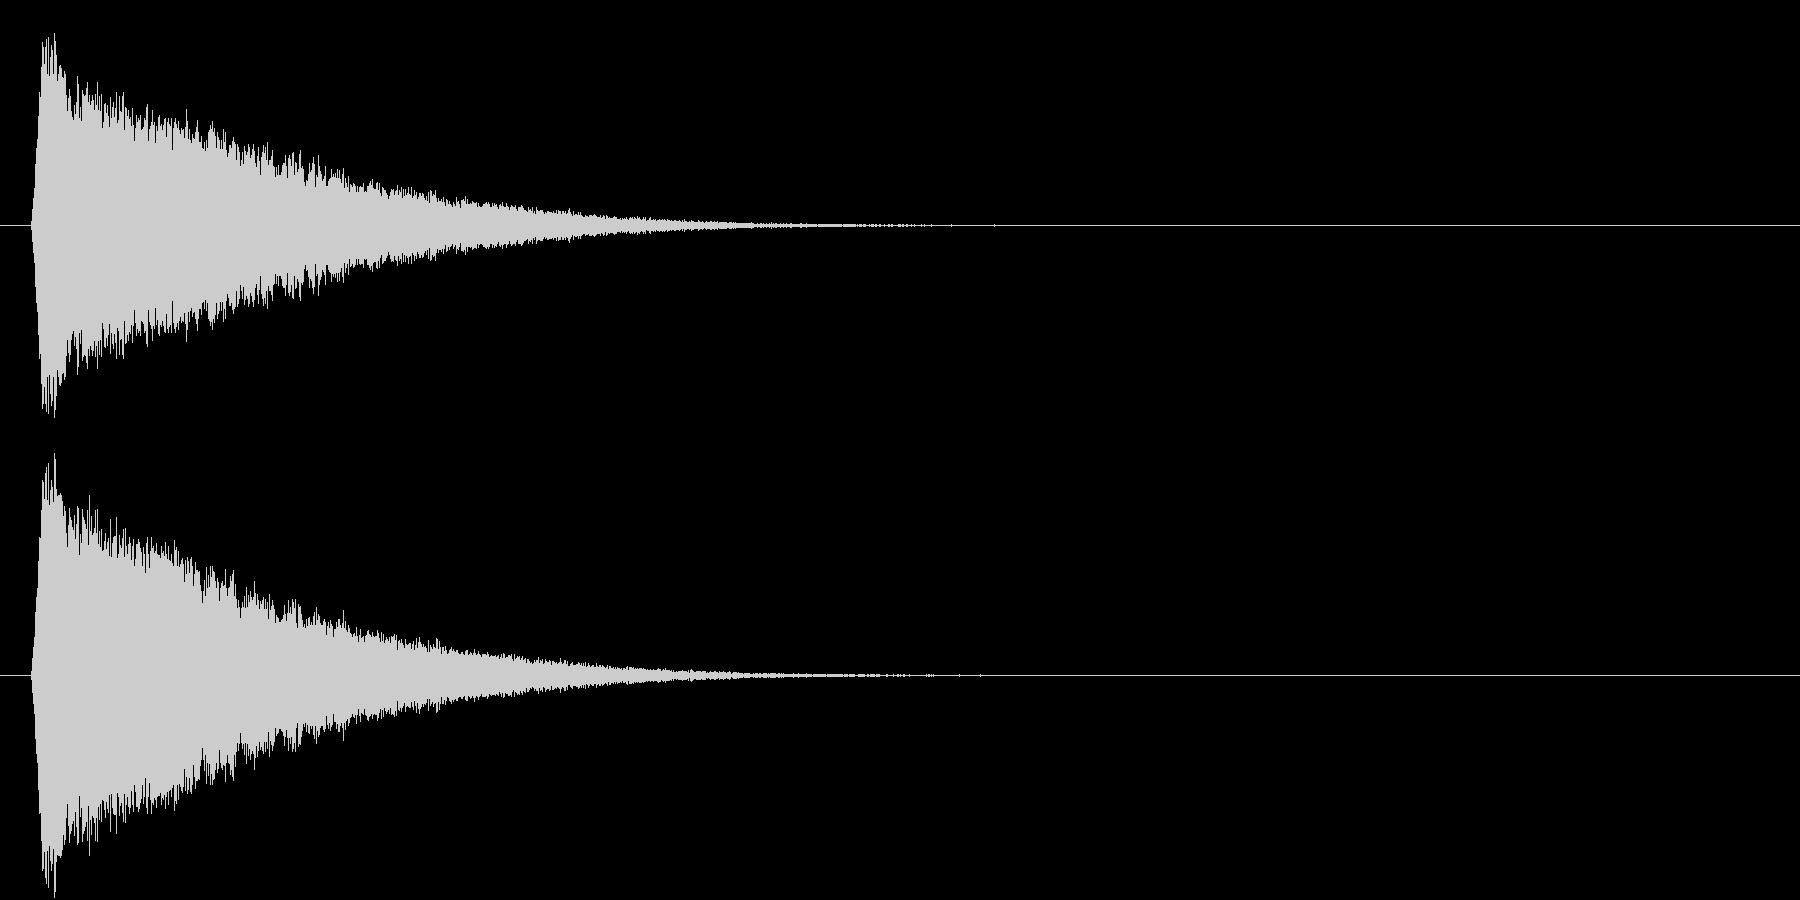 キラキラ…(流れ星、下降、かわいい)の未再生の波形